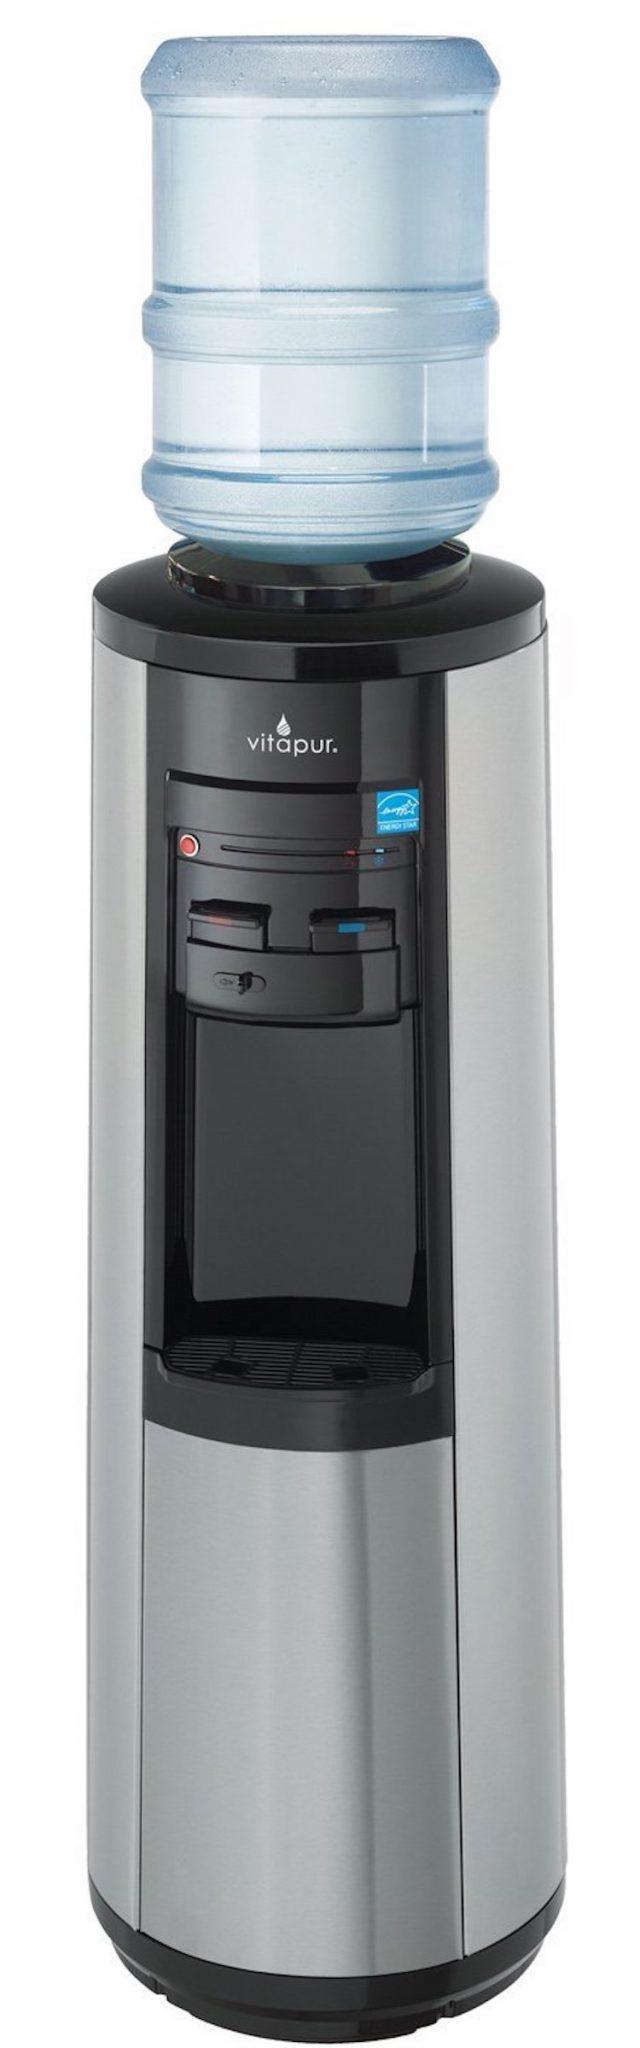 Vitapur Full Size Water Dispenser